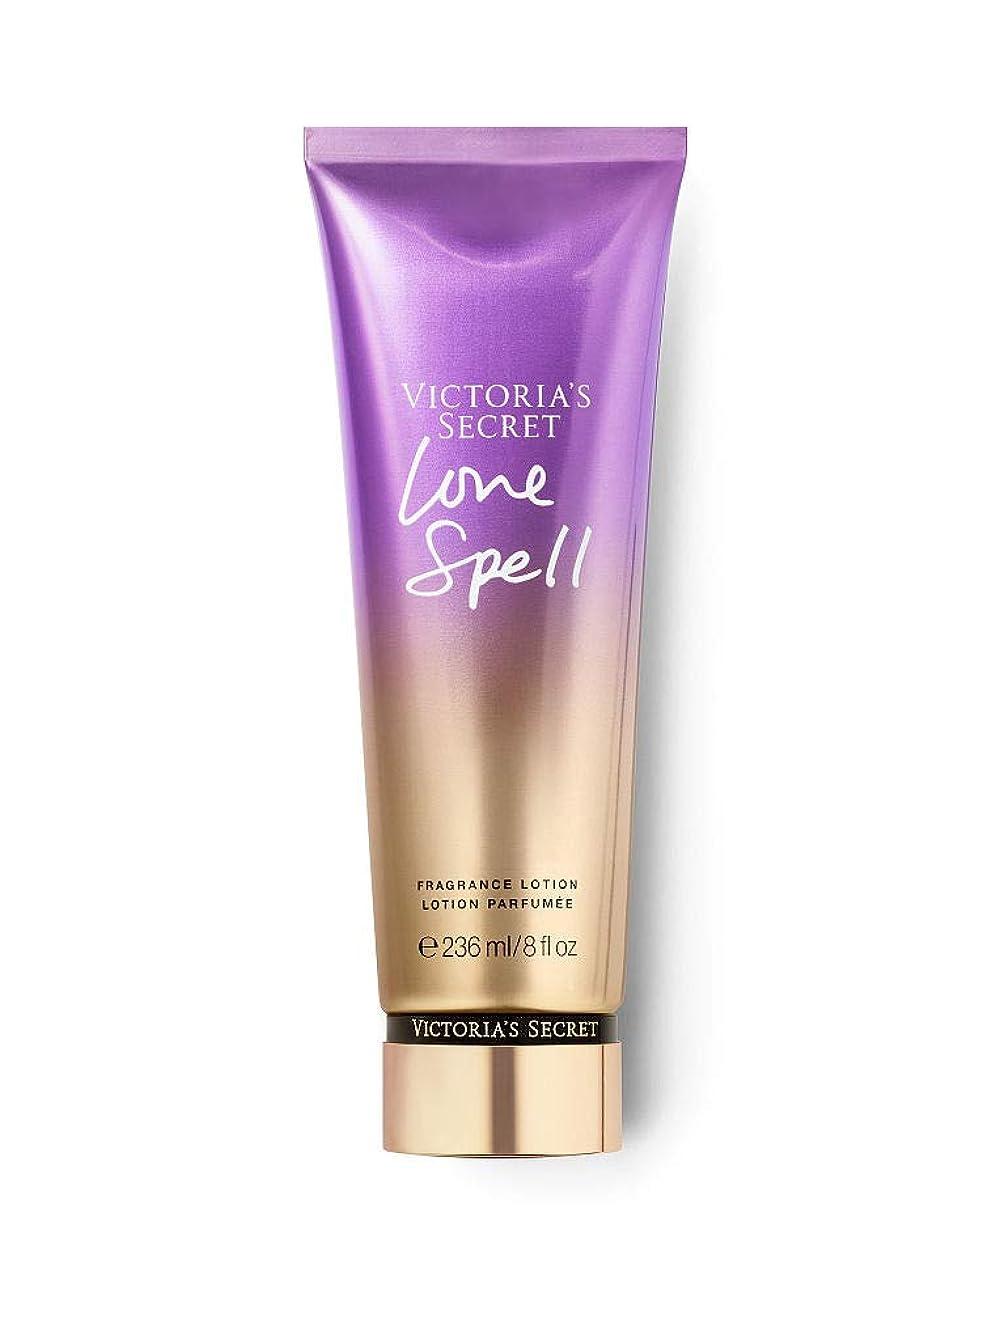 チーズメロディアスそばにヴィクトリアシークレット Victoria's Secret ラブスペル ボディローション Love Spell Lace Body Lotion [並行輸入品]